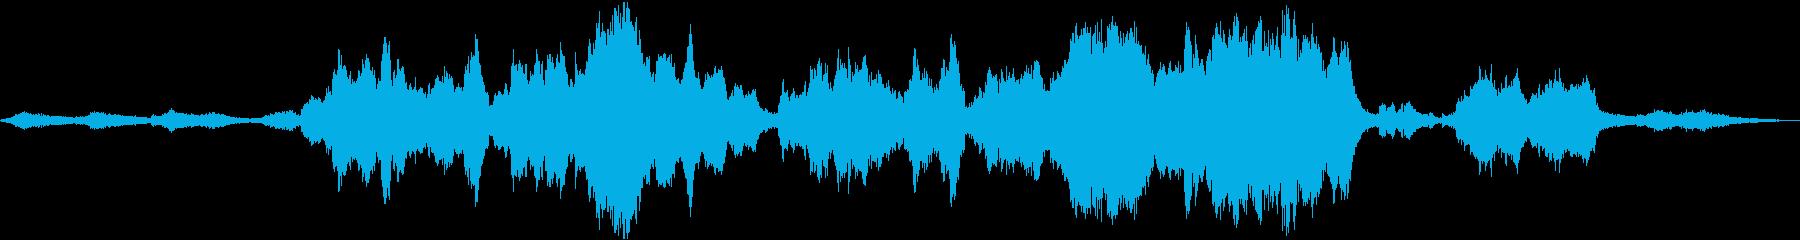 祈り、波間に漂う神秘的なソプラノの再生済みの波形